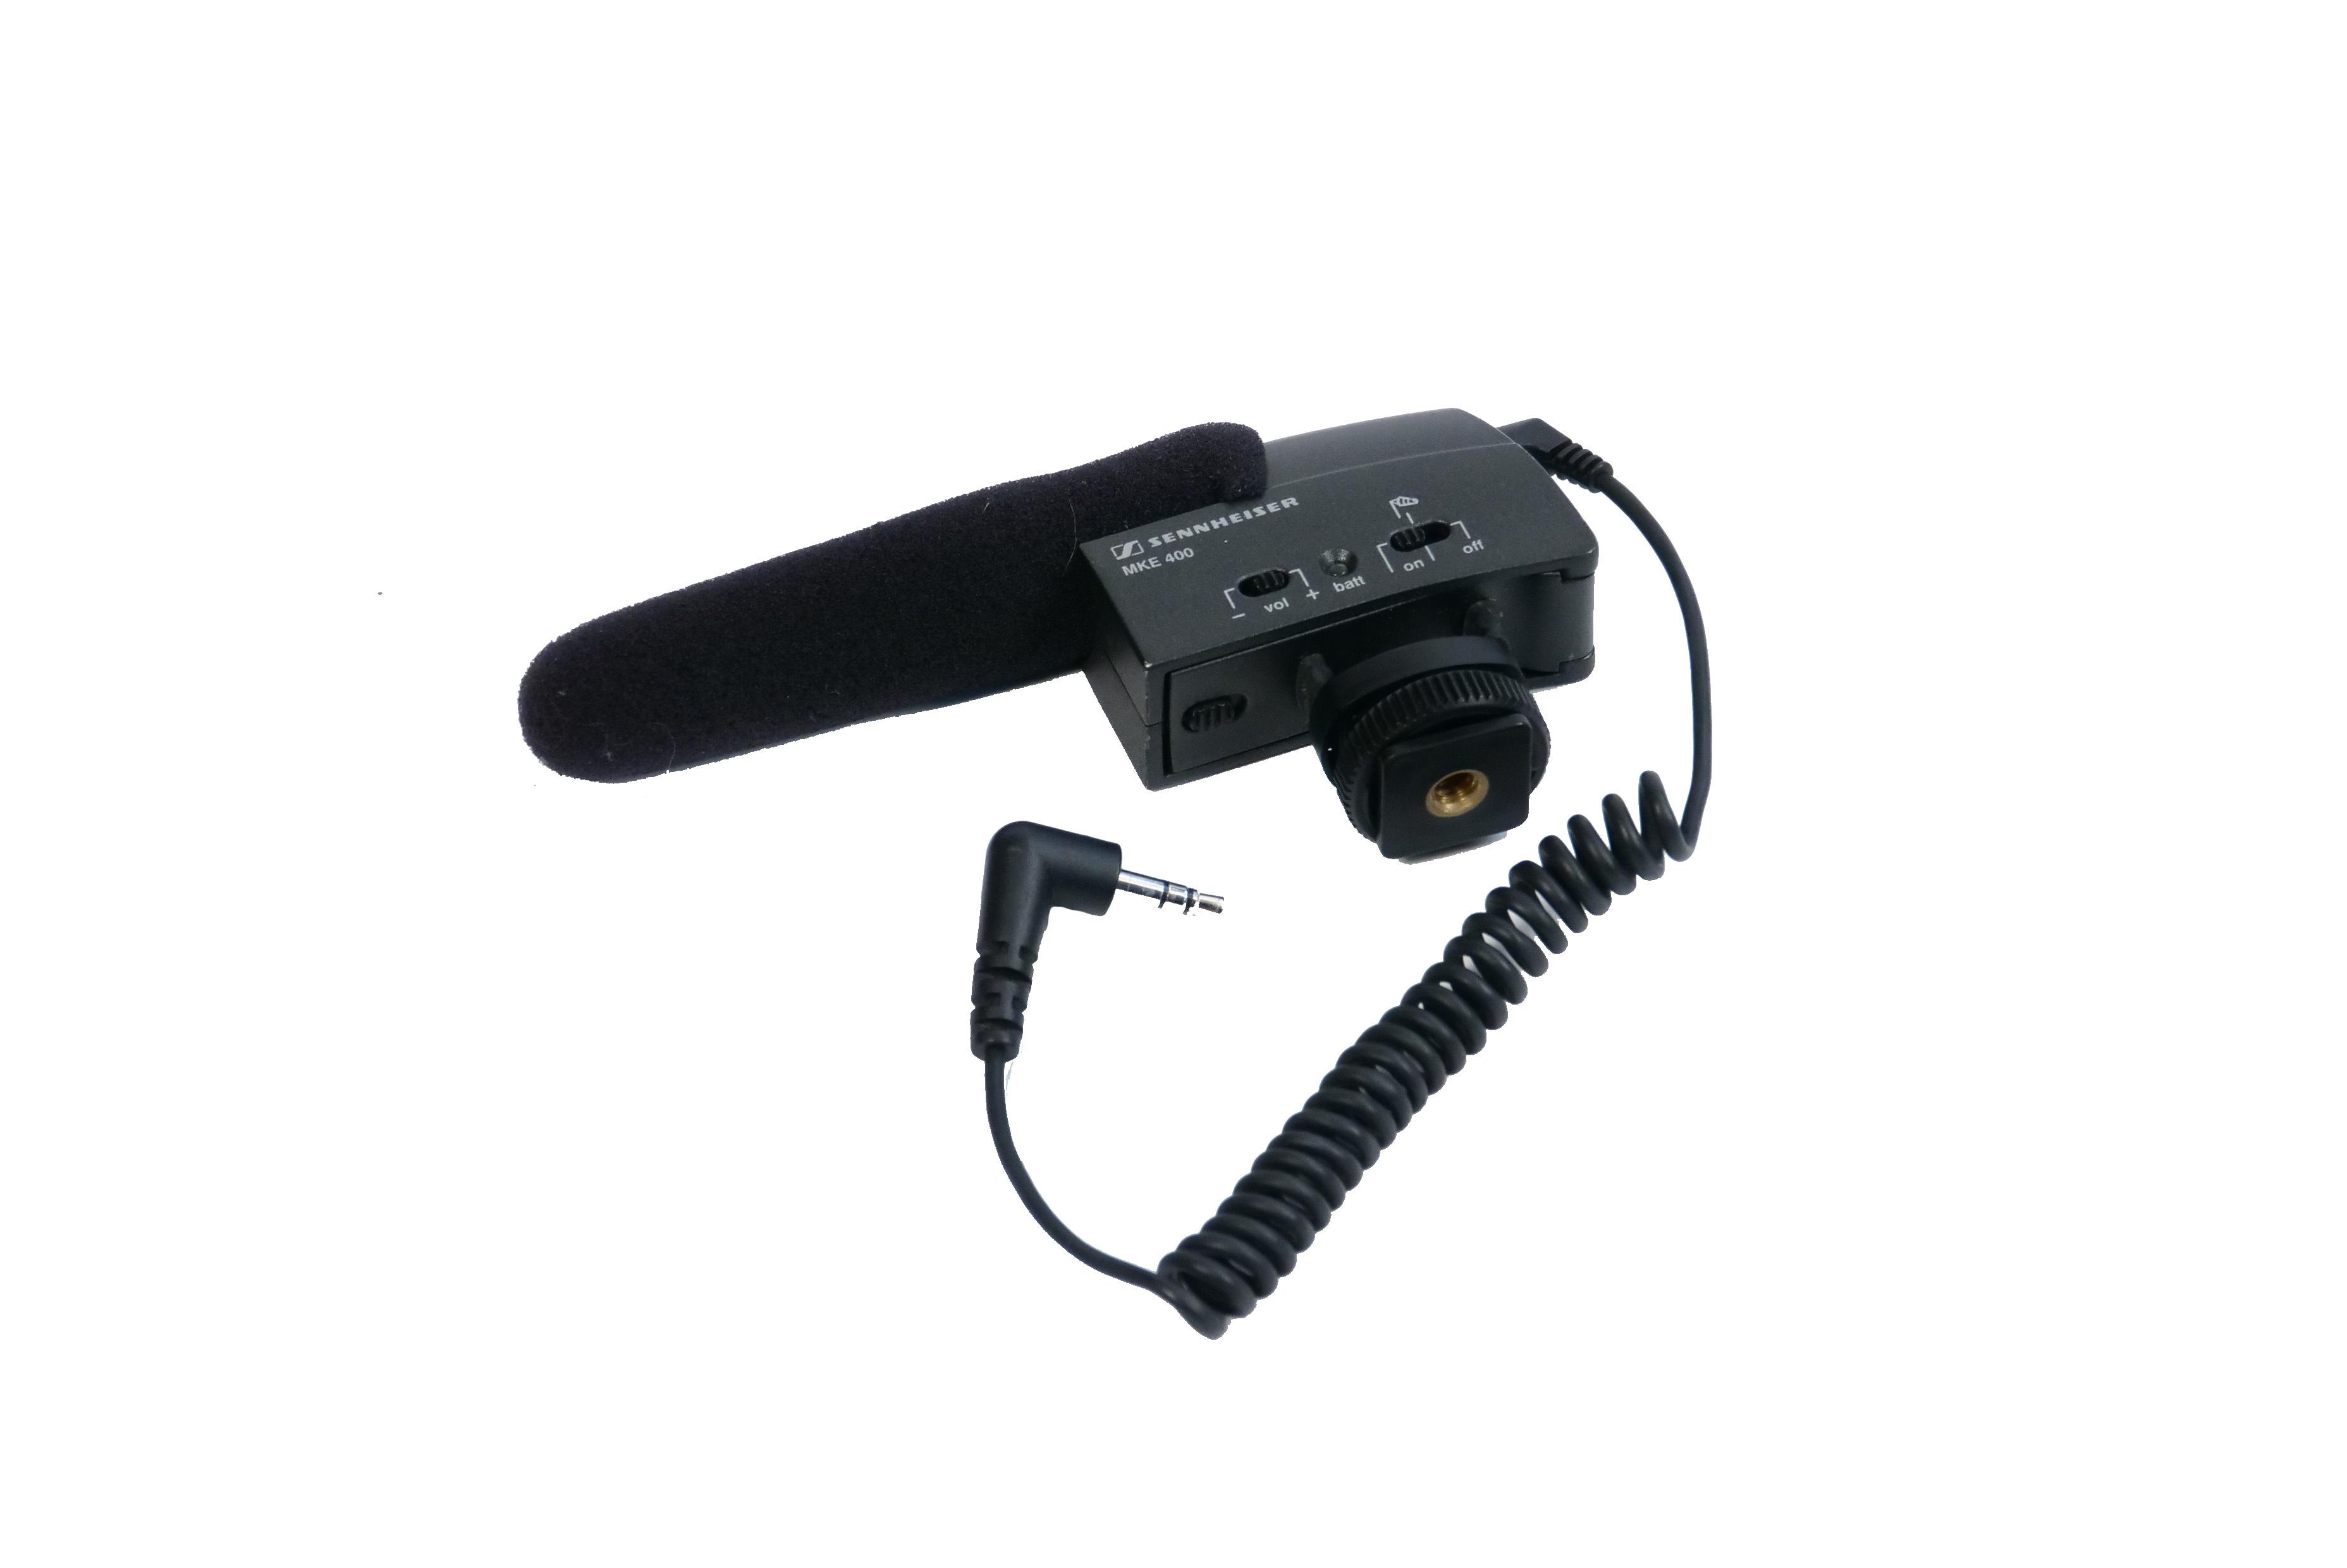 Sennheiser MKE-400 Microphone